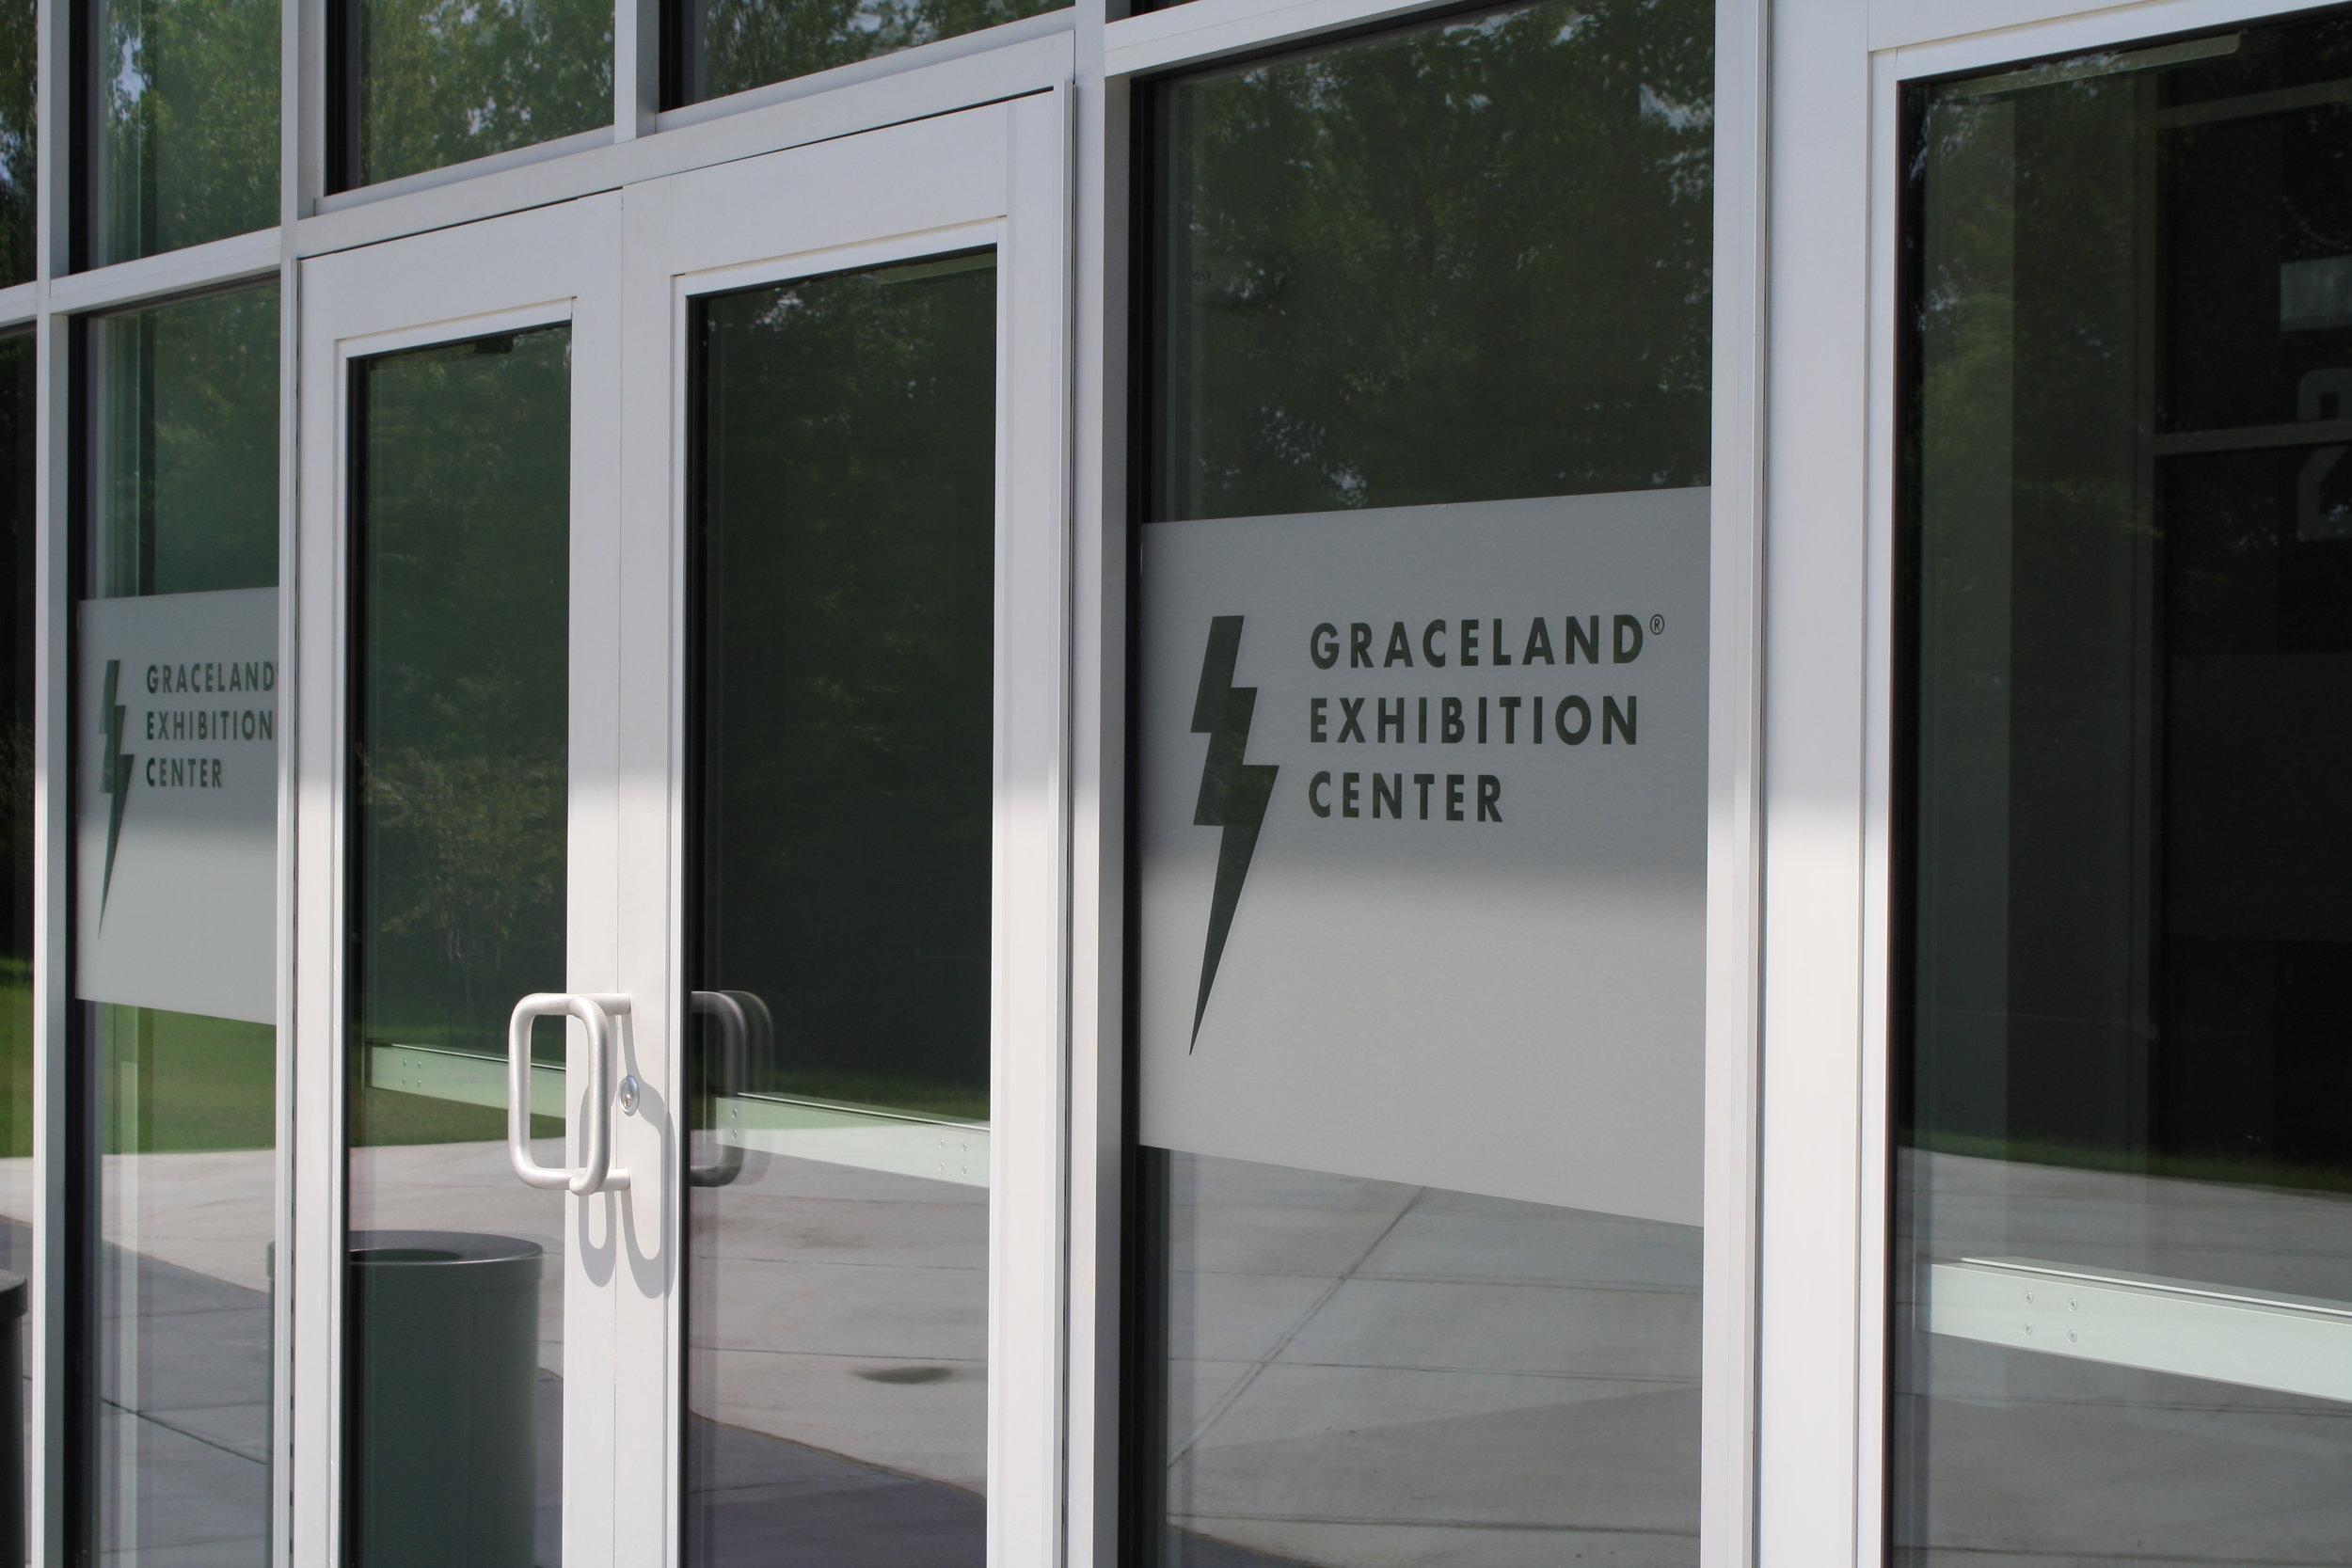 Graceland_Graceland-Exhibition-Center_Etched-Glass-Logo_LSIGraphics_Memphis-TN-1 ..